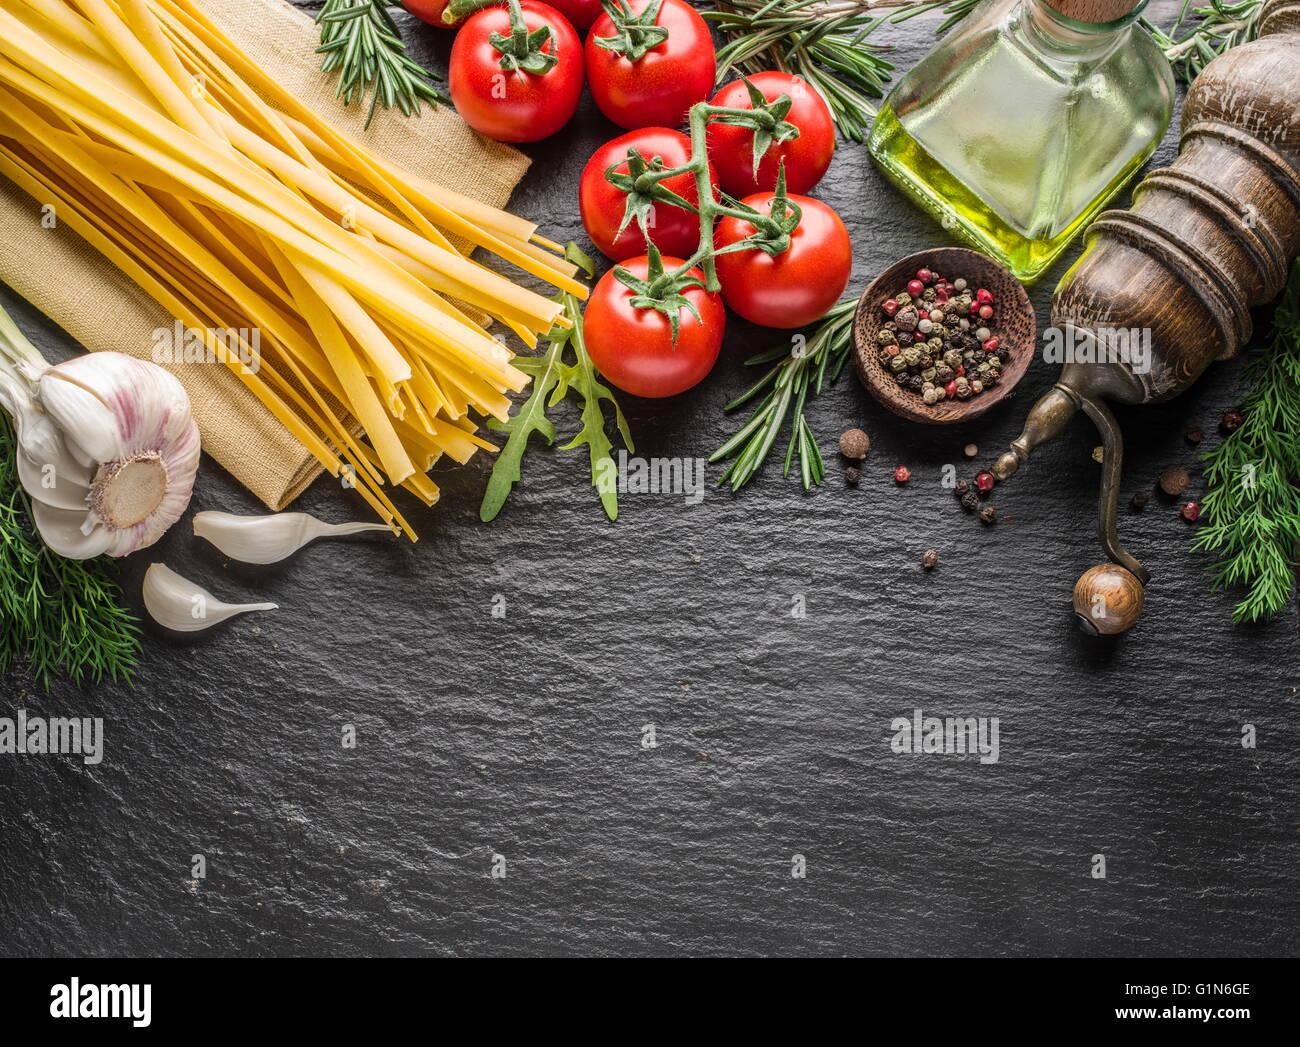 Pasta Zutaten. Cherry-Tomaten, Spaghetti Nudeln, Rosmarin und Gewürze auf einem Graphit-Brett. Stockfoto